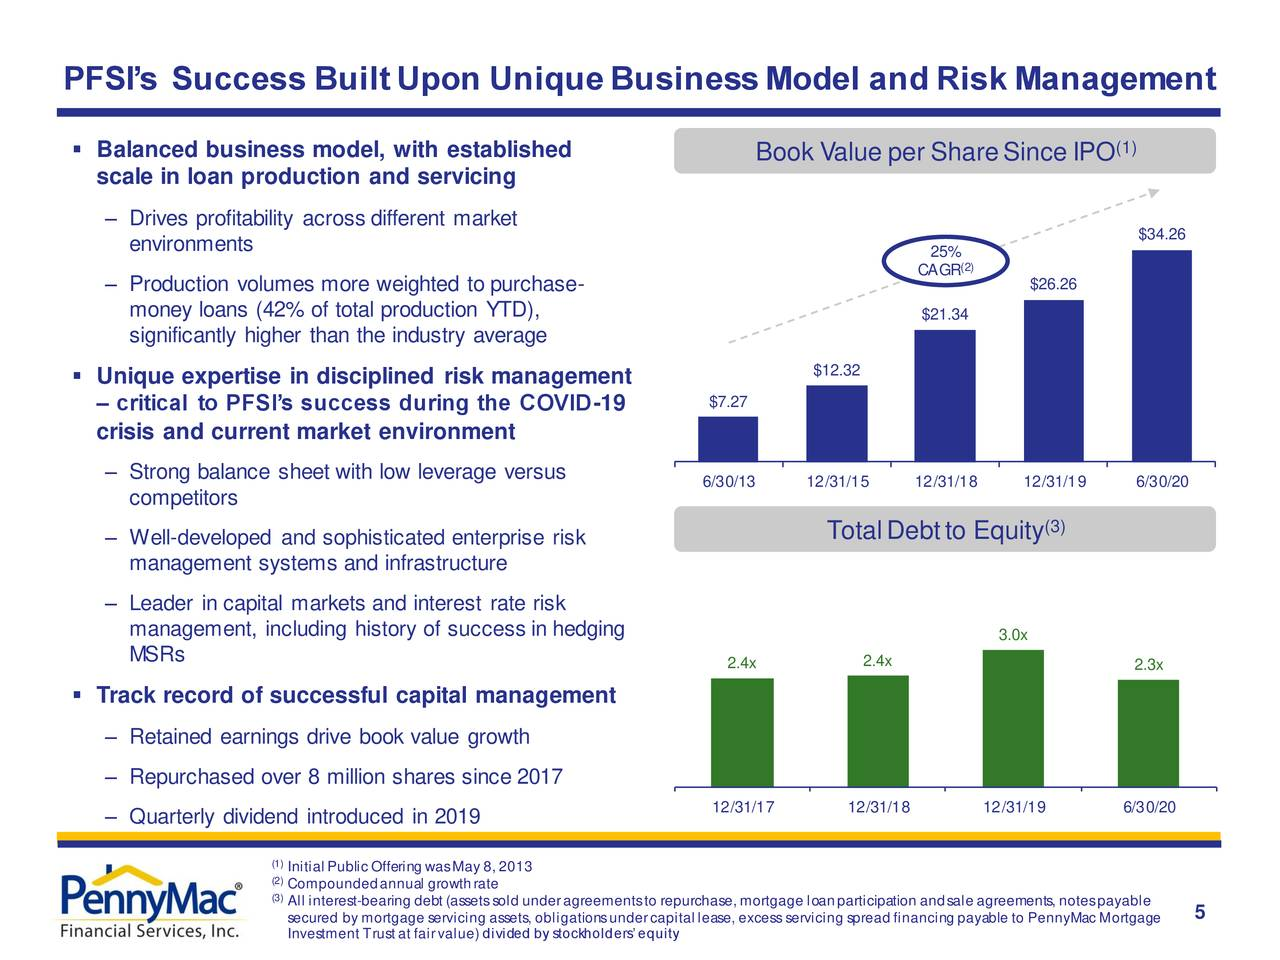 El éxito de PFSI construido sobre un modelo empresarial único y gestión de riesgos